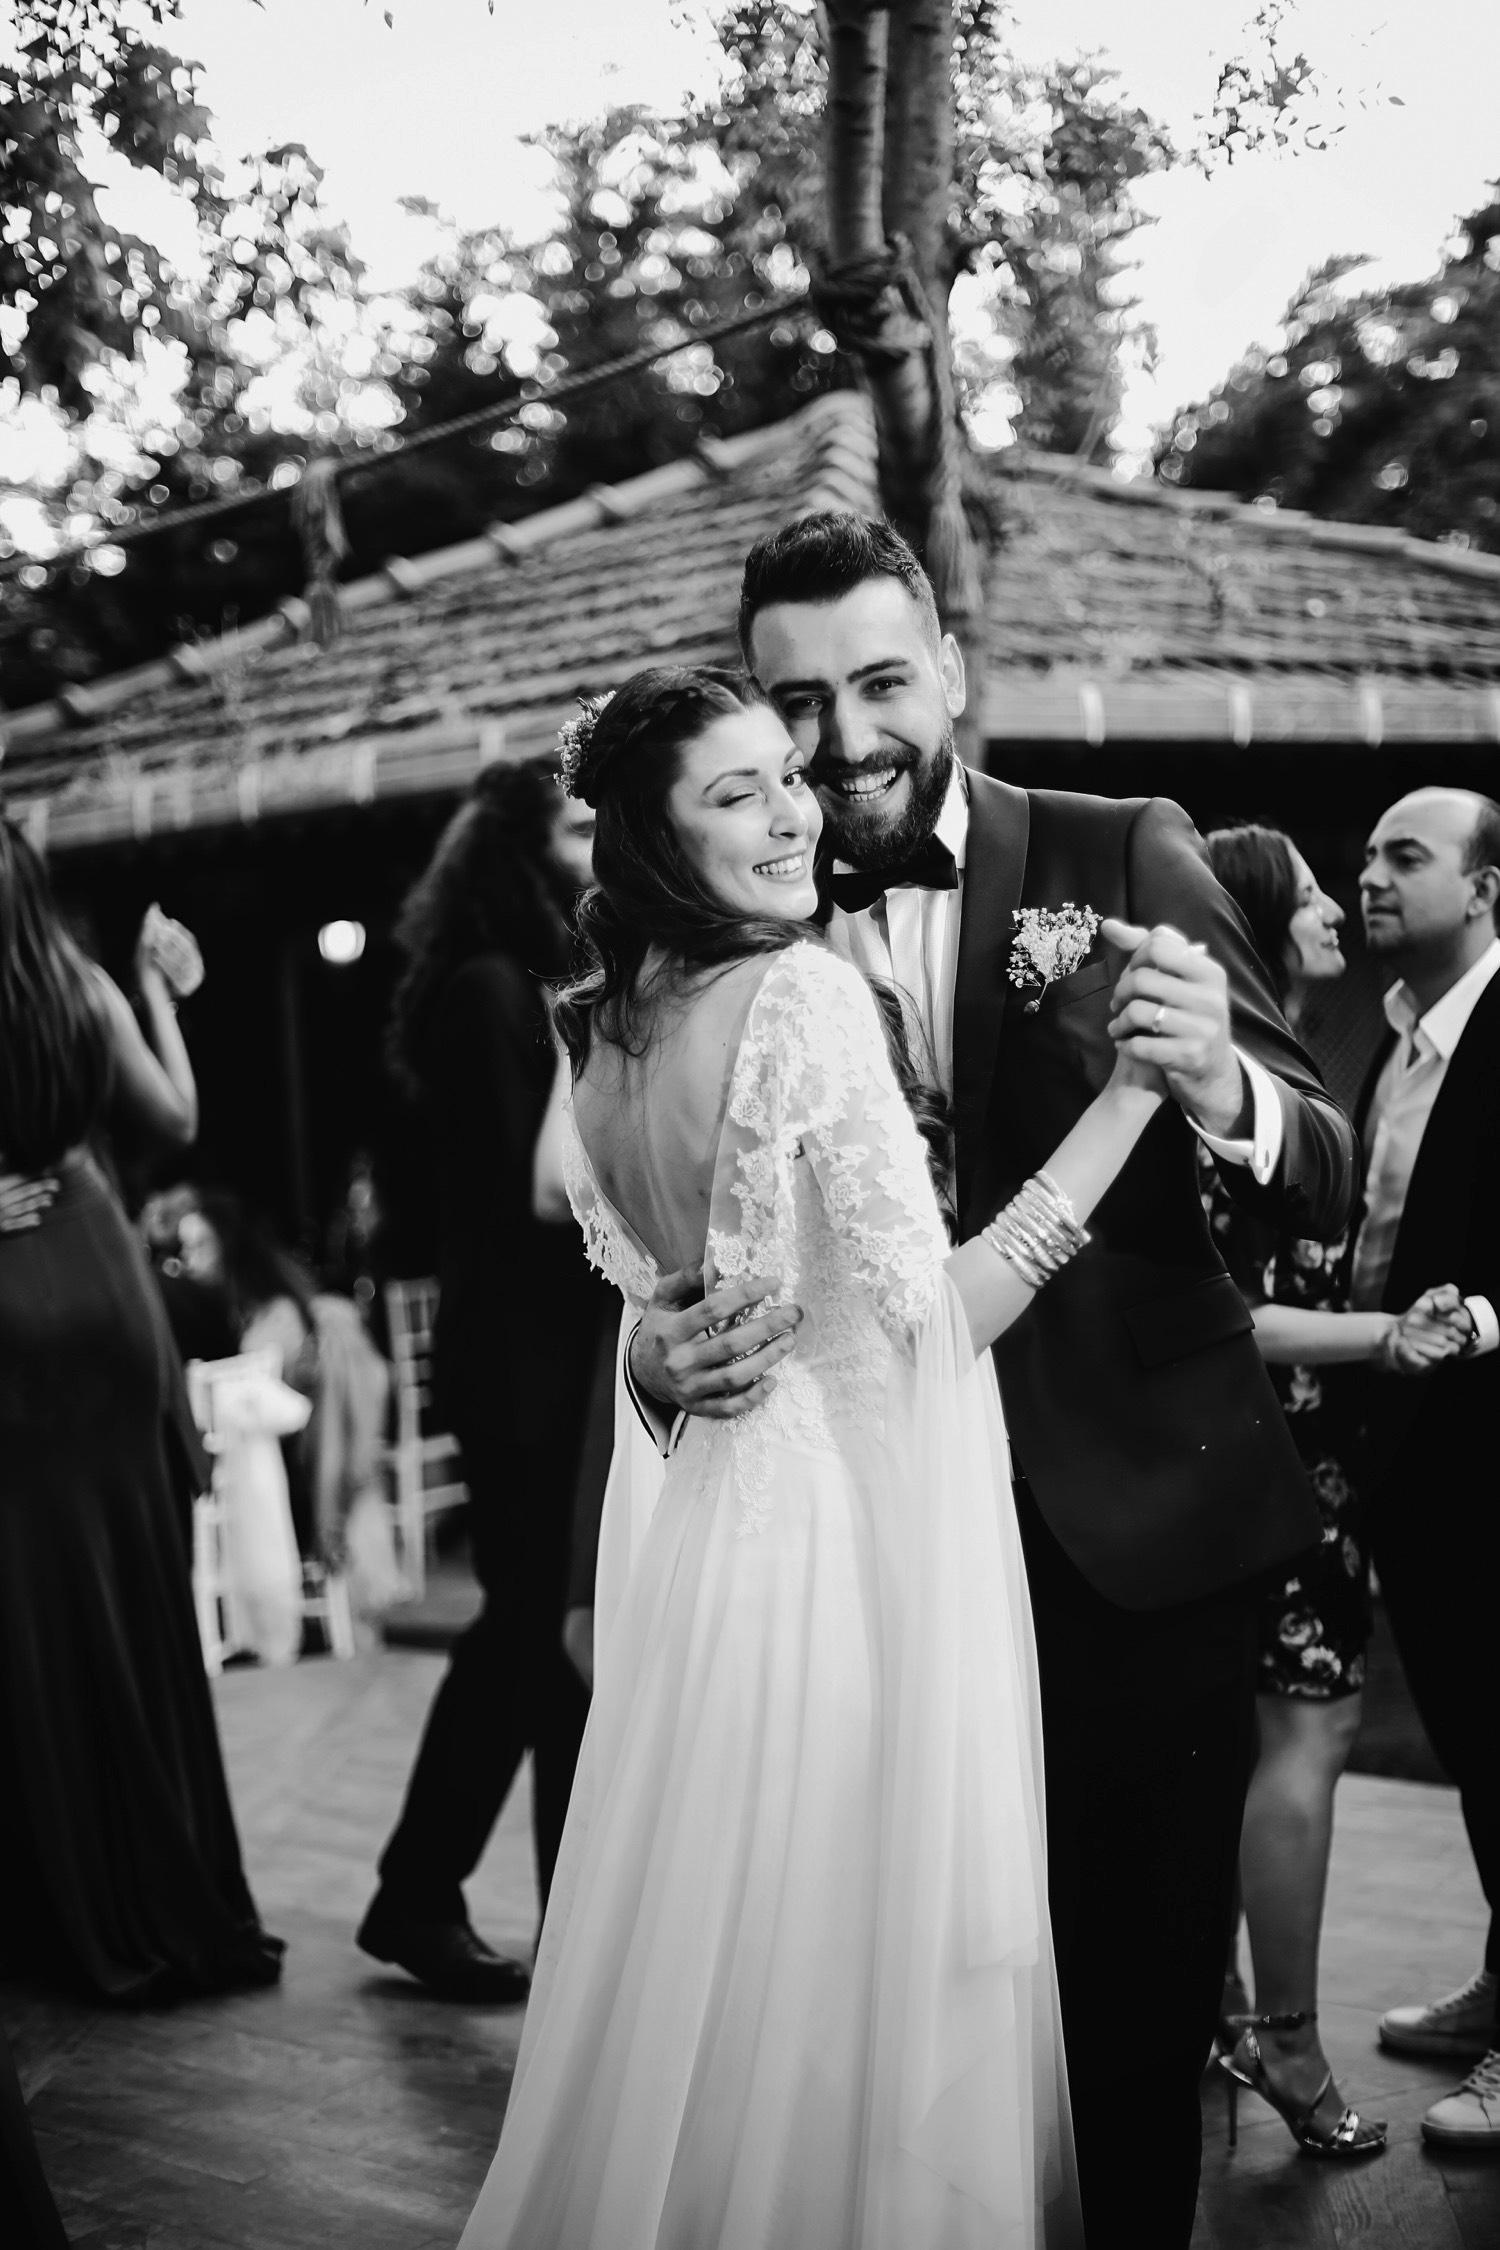 0000000045_lr-4099 copy copy_photographer_fotoğrafçı_istanbul_düğün_fotoğrafçısı_dış_bursa_çekim_wedding